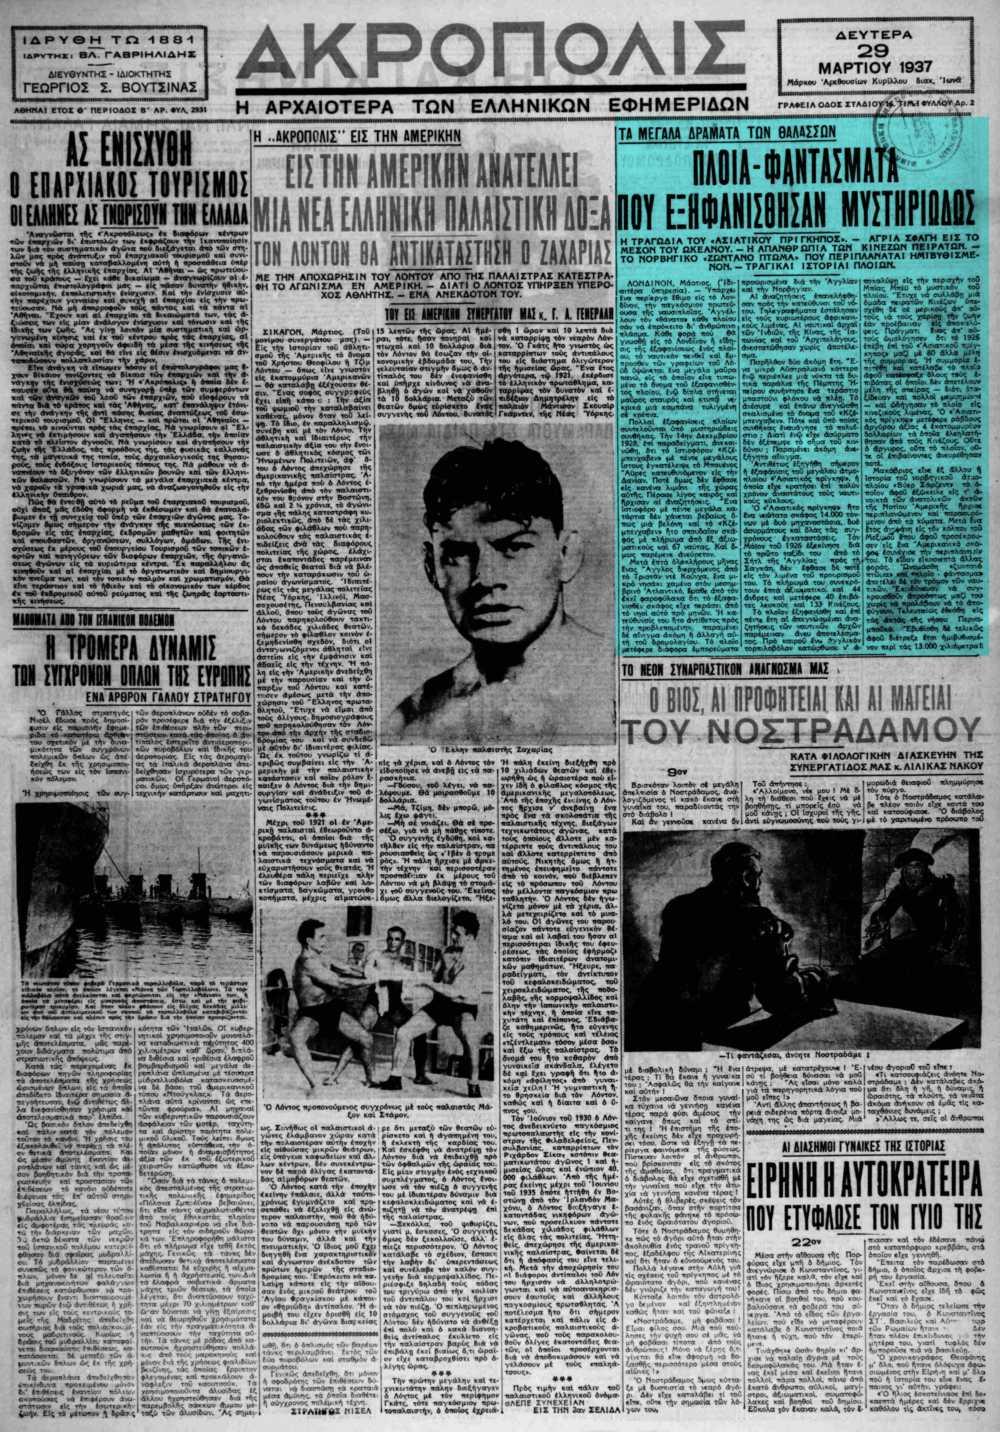 """Το άρθρο, όπως δημοσιεύθηκε στην εφημερίδα """"ΑΚΡΟΠΟΛΙΣ"""", στις 29/03/1937"""